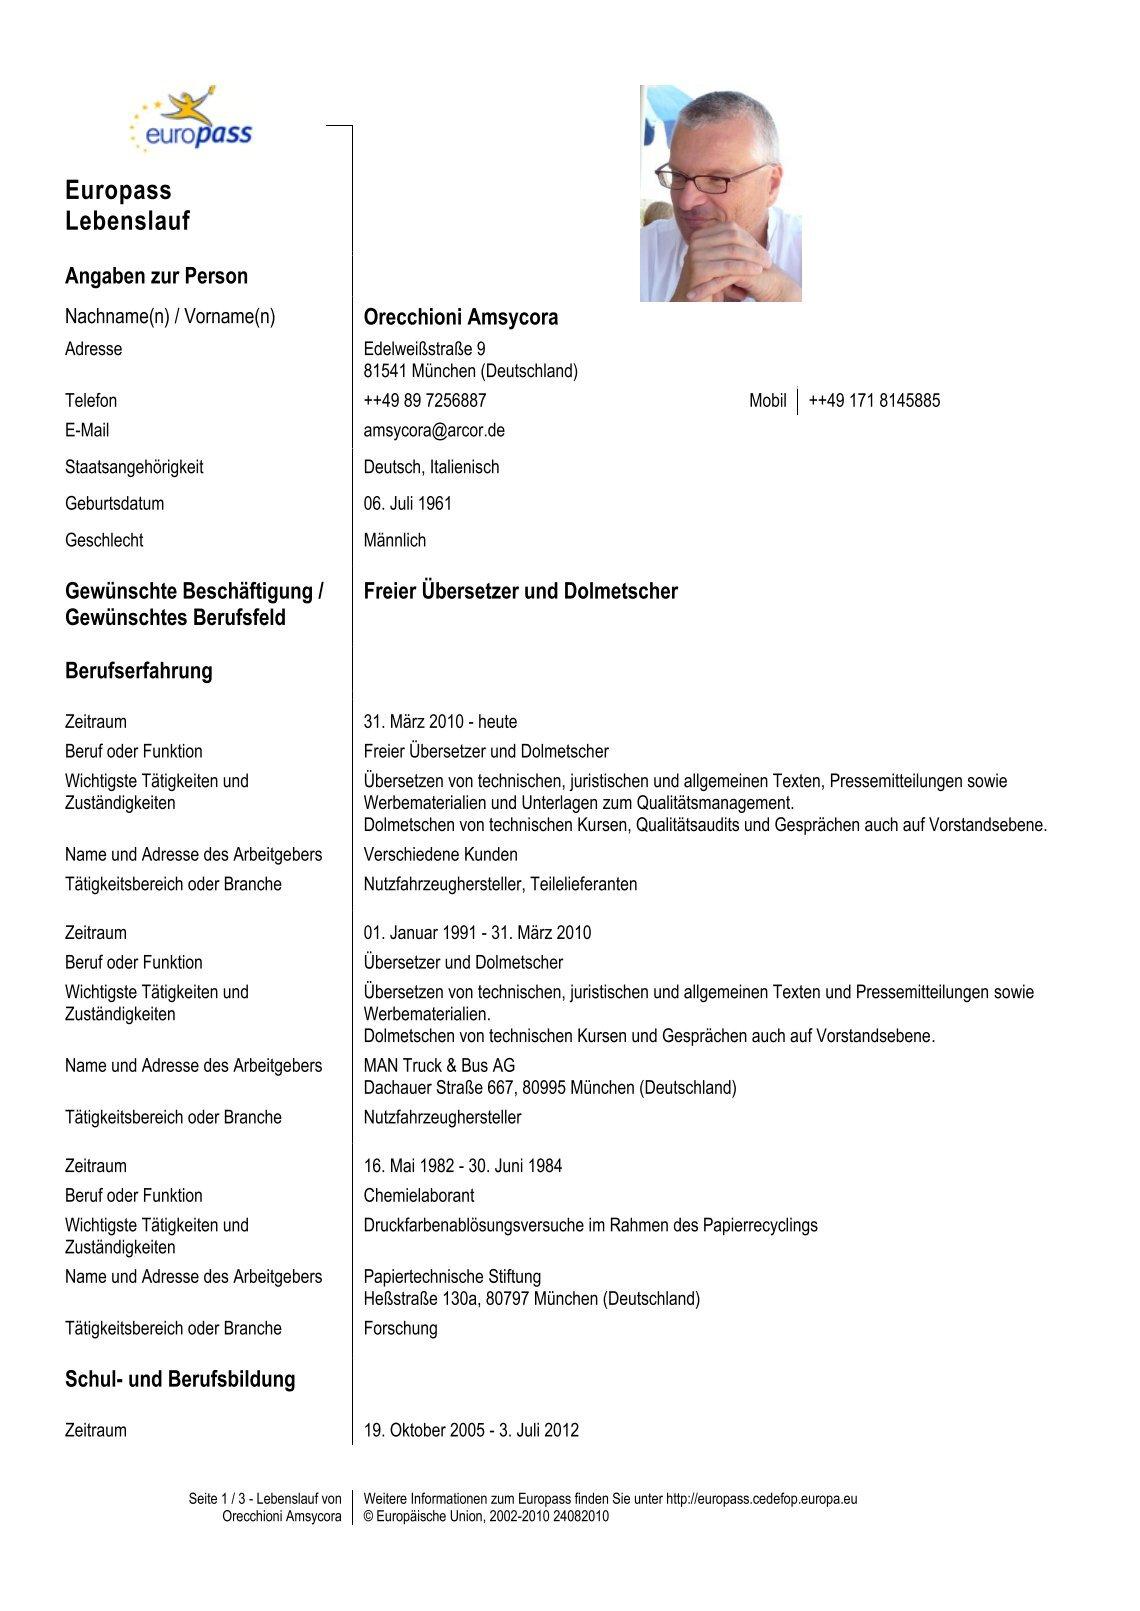 Niedlich 3 Verschiedene Lebenslauf Stile Fotos - Entry Level Resume ...